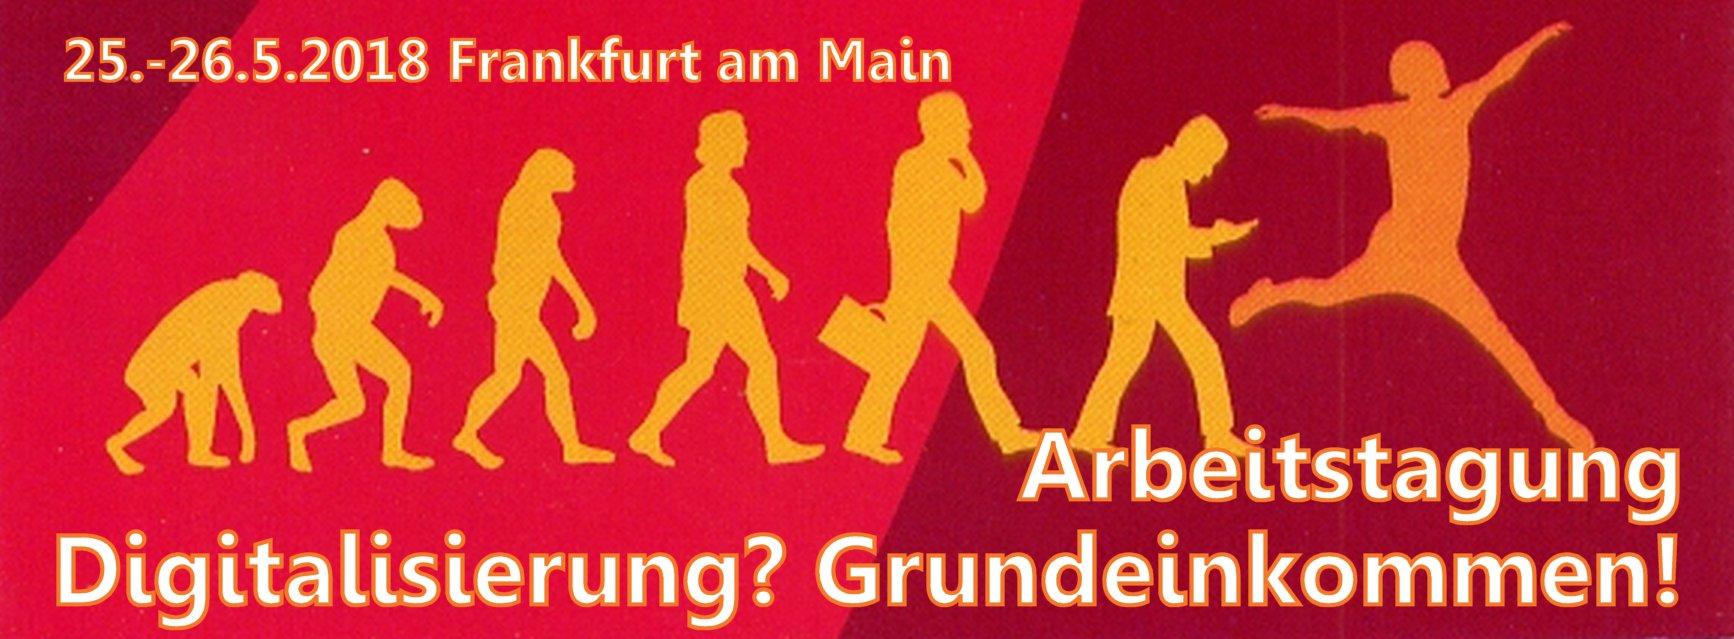 """Arbeitstagung """"Digitalisierung? Grundeinkommen!"""" Ende Mai 2018 in Frankfurt am Main"""